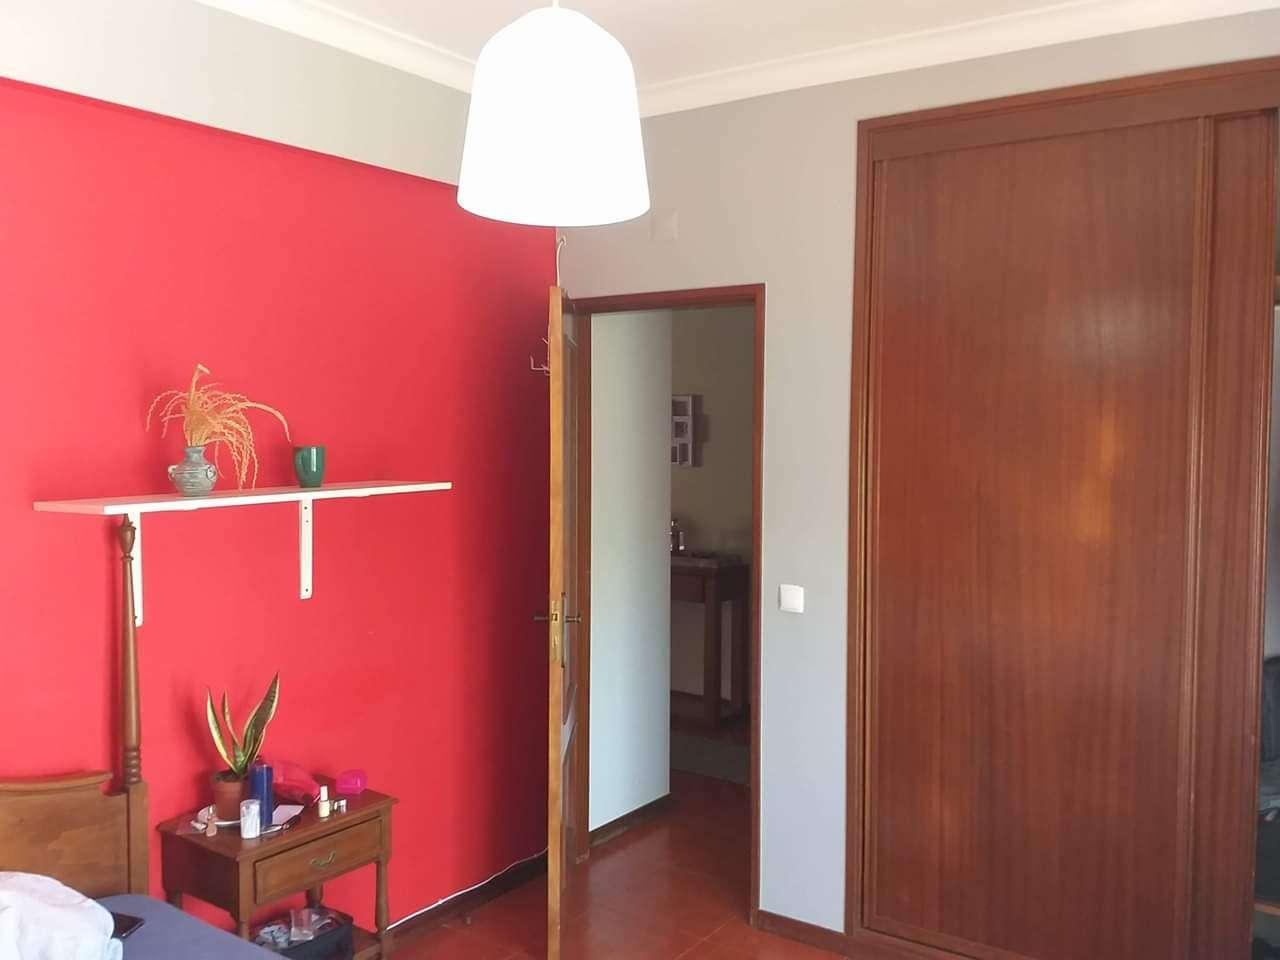 Apartamento para comprar, Castelo (Sesimbra), Sesimbra, Setúbal - Foto 2